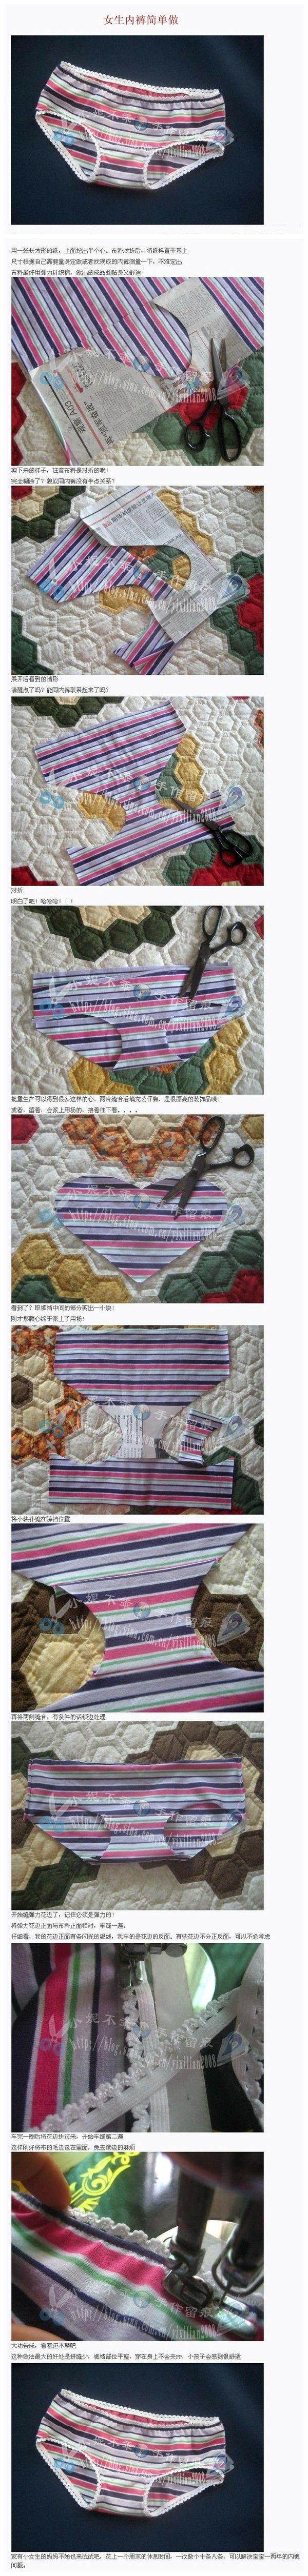 女生内裤简单做 - maybe I can figure out how to use this for dolly undies.